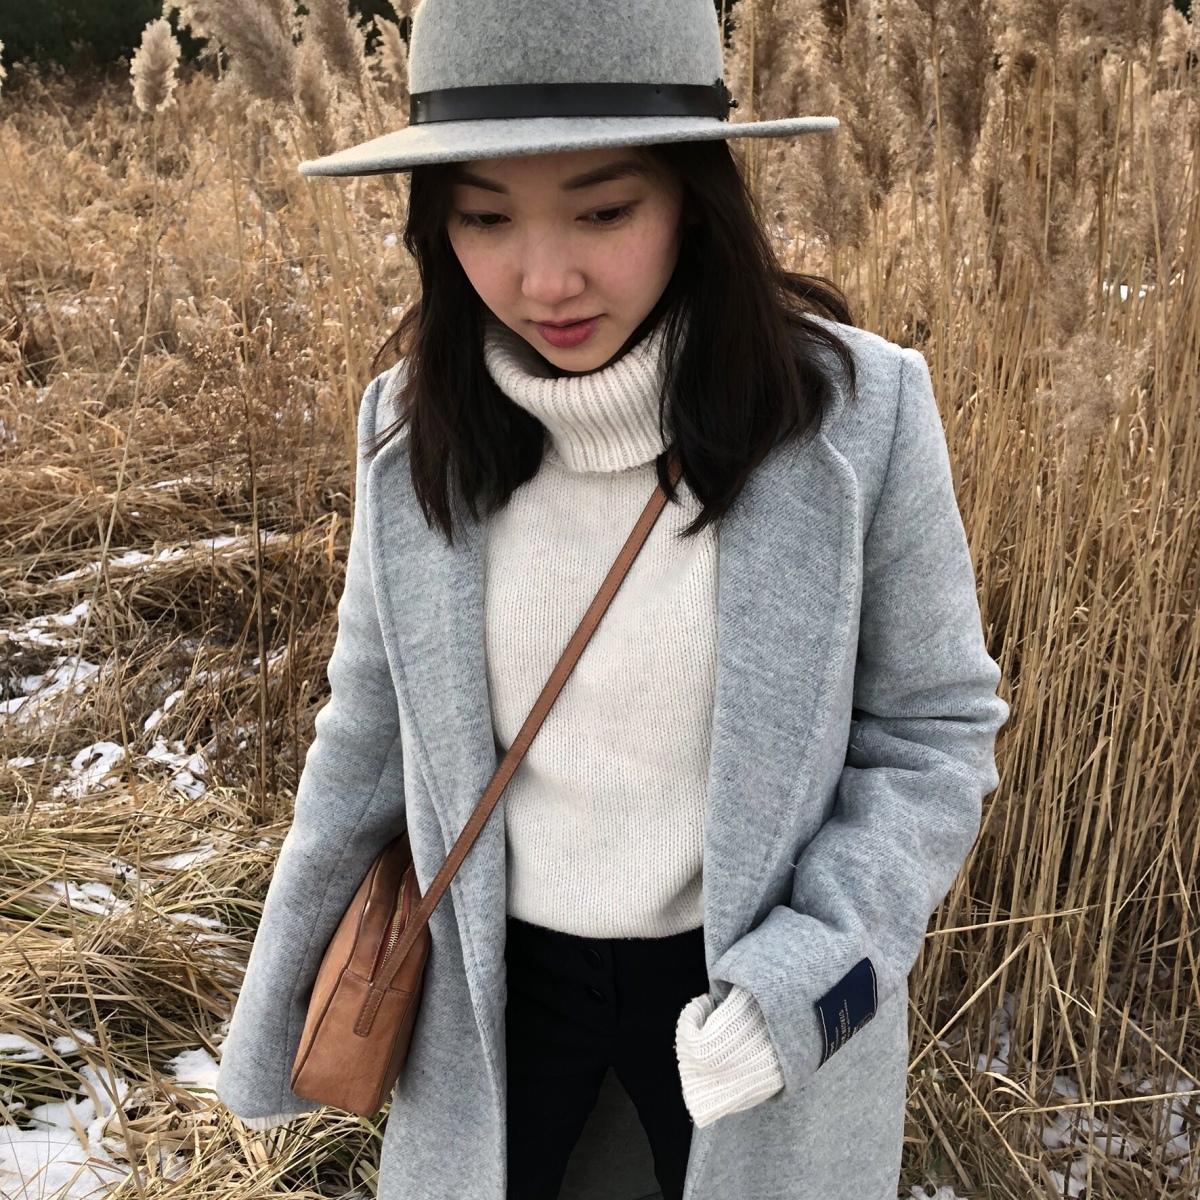 Toronto fashion blogger